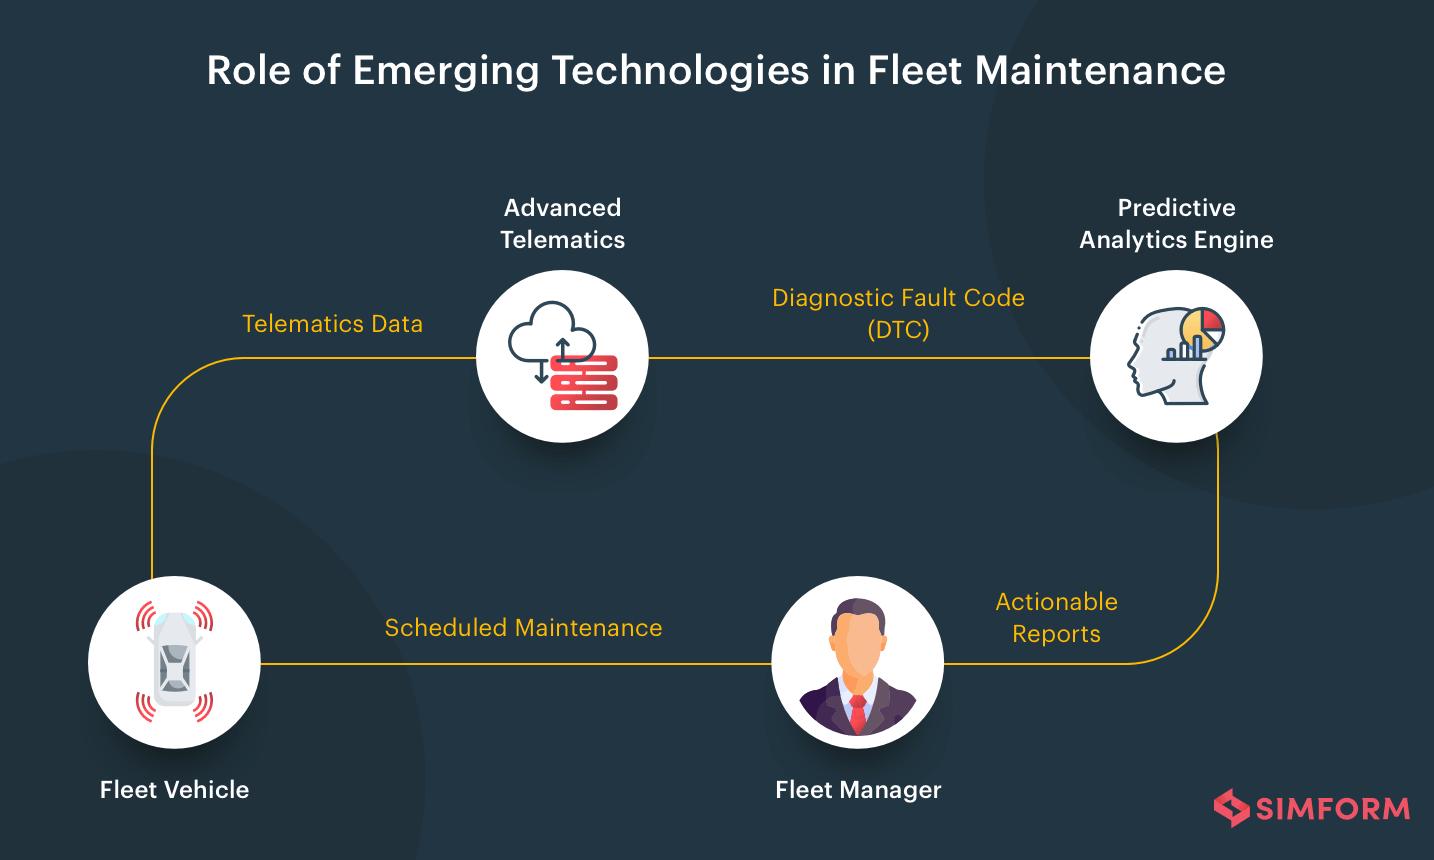 Emegering-Technologies-in-Fleet-Maintenance